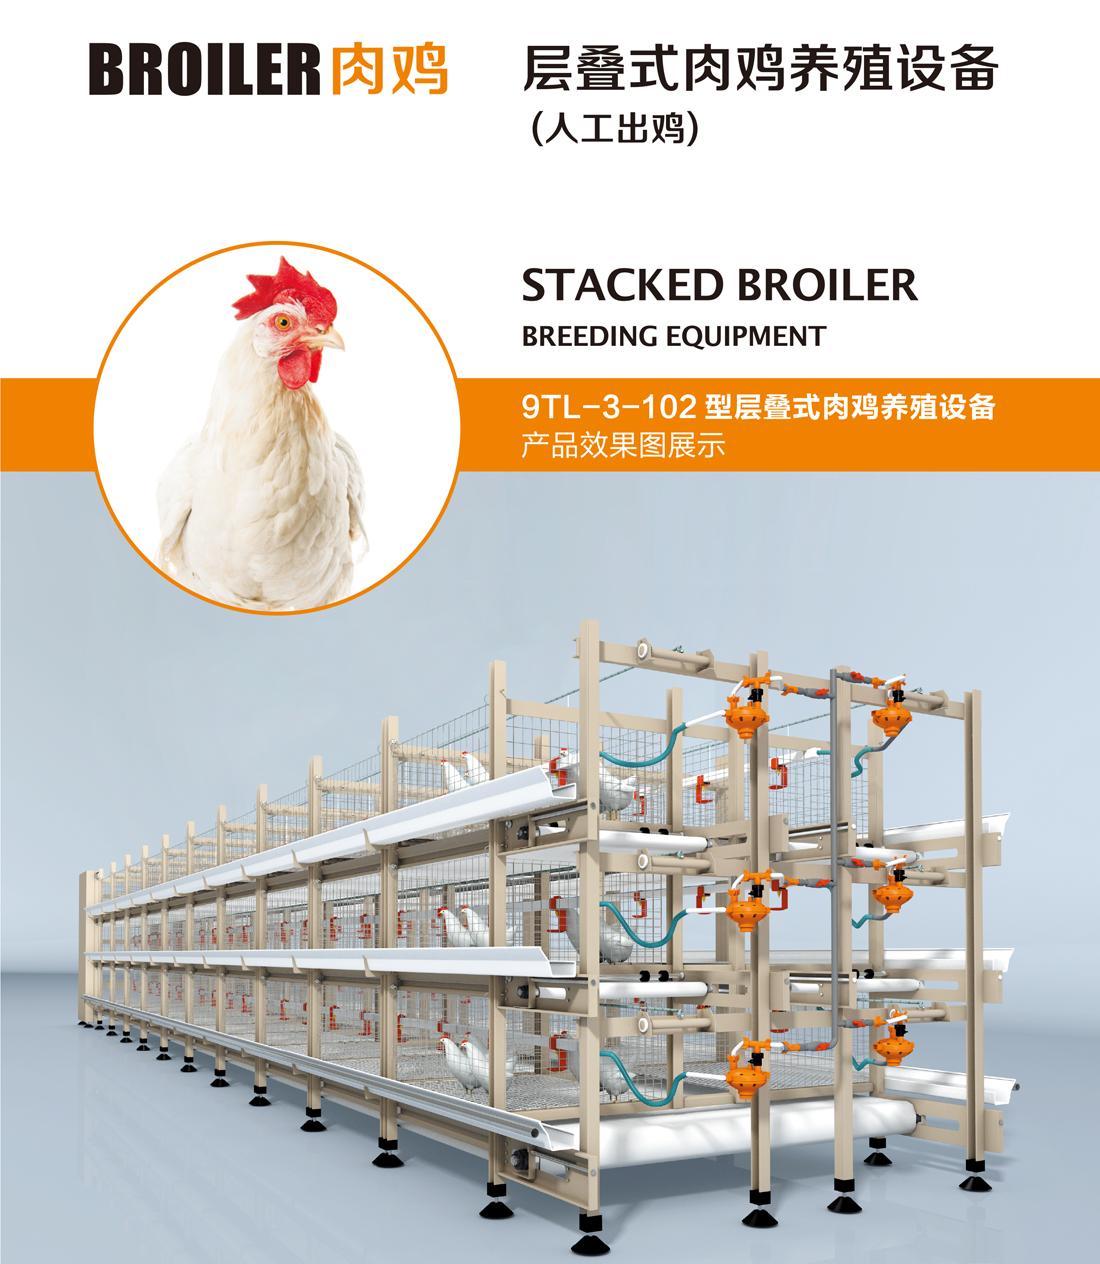 层叠式跨斗食槽式喂料饲养设备